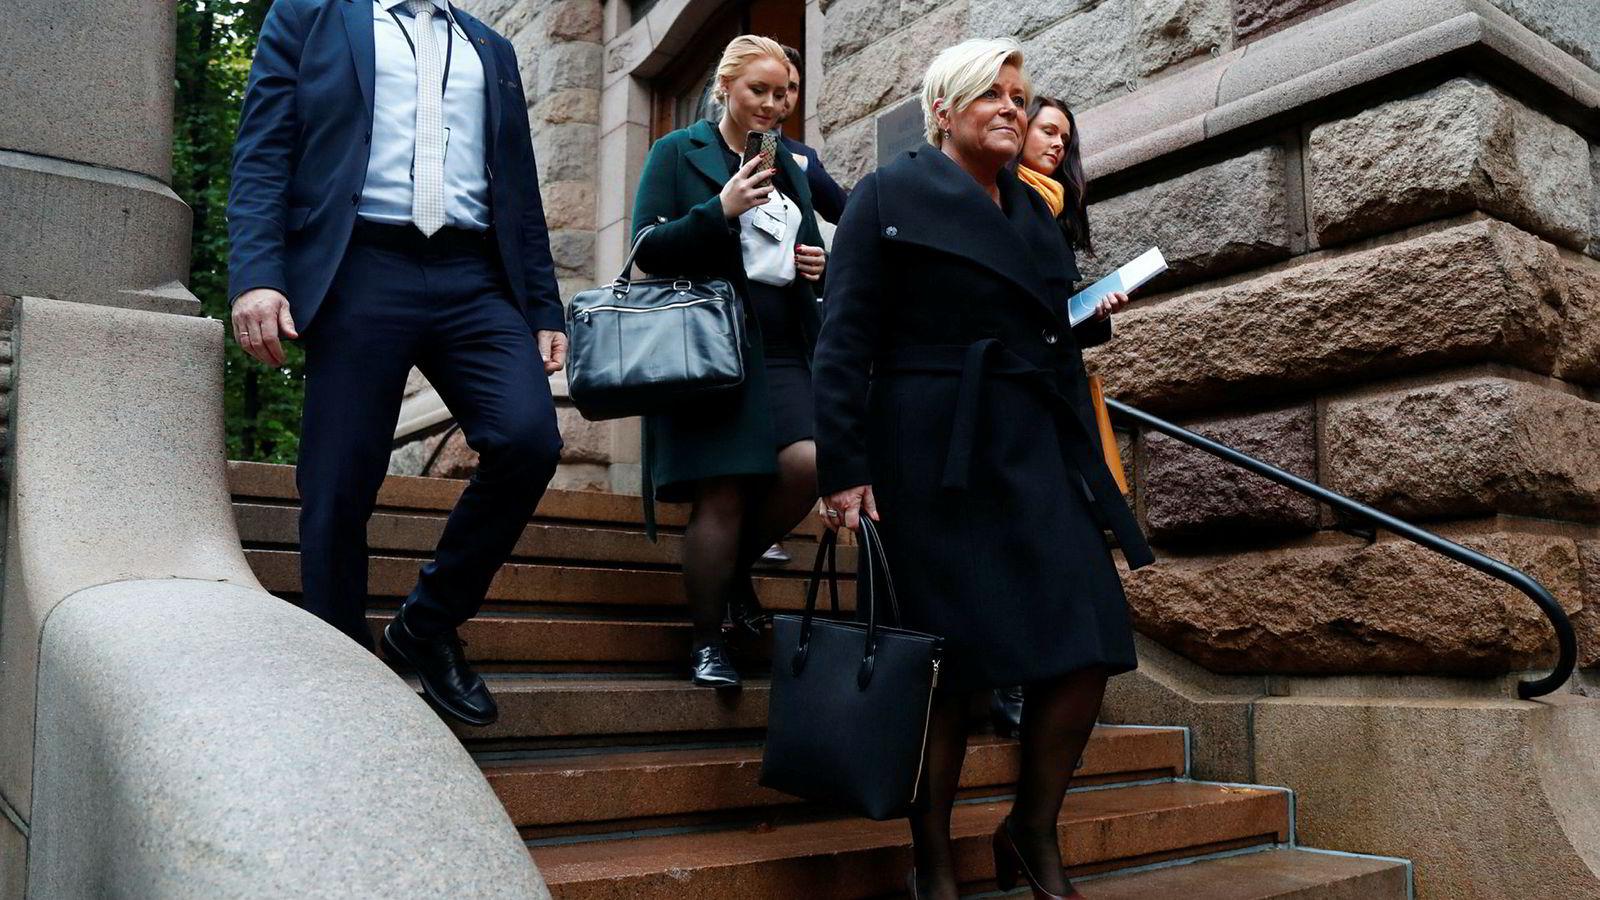 Oslo 20171012.Finansminister Siv Jensen (Frp) på vei fra Finansdepartementet til Stortinget for å legge frem regjeringens forslag til statsbudsjettet 2018.